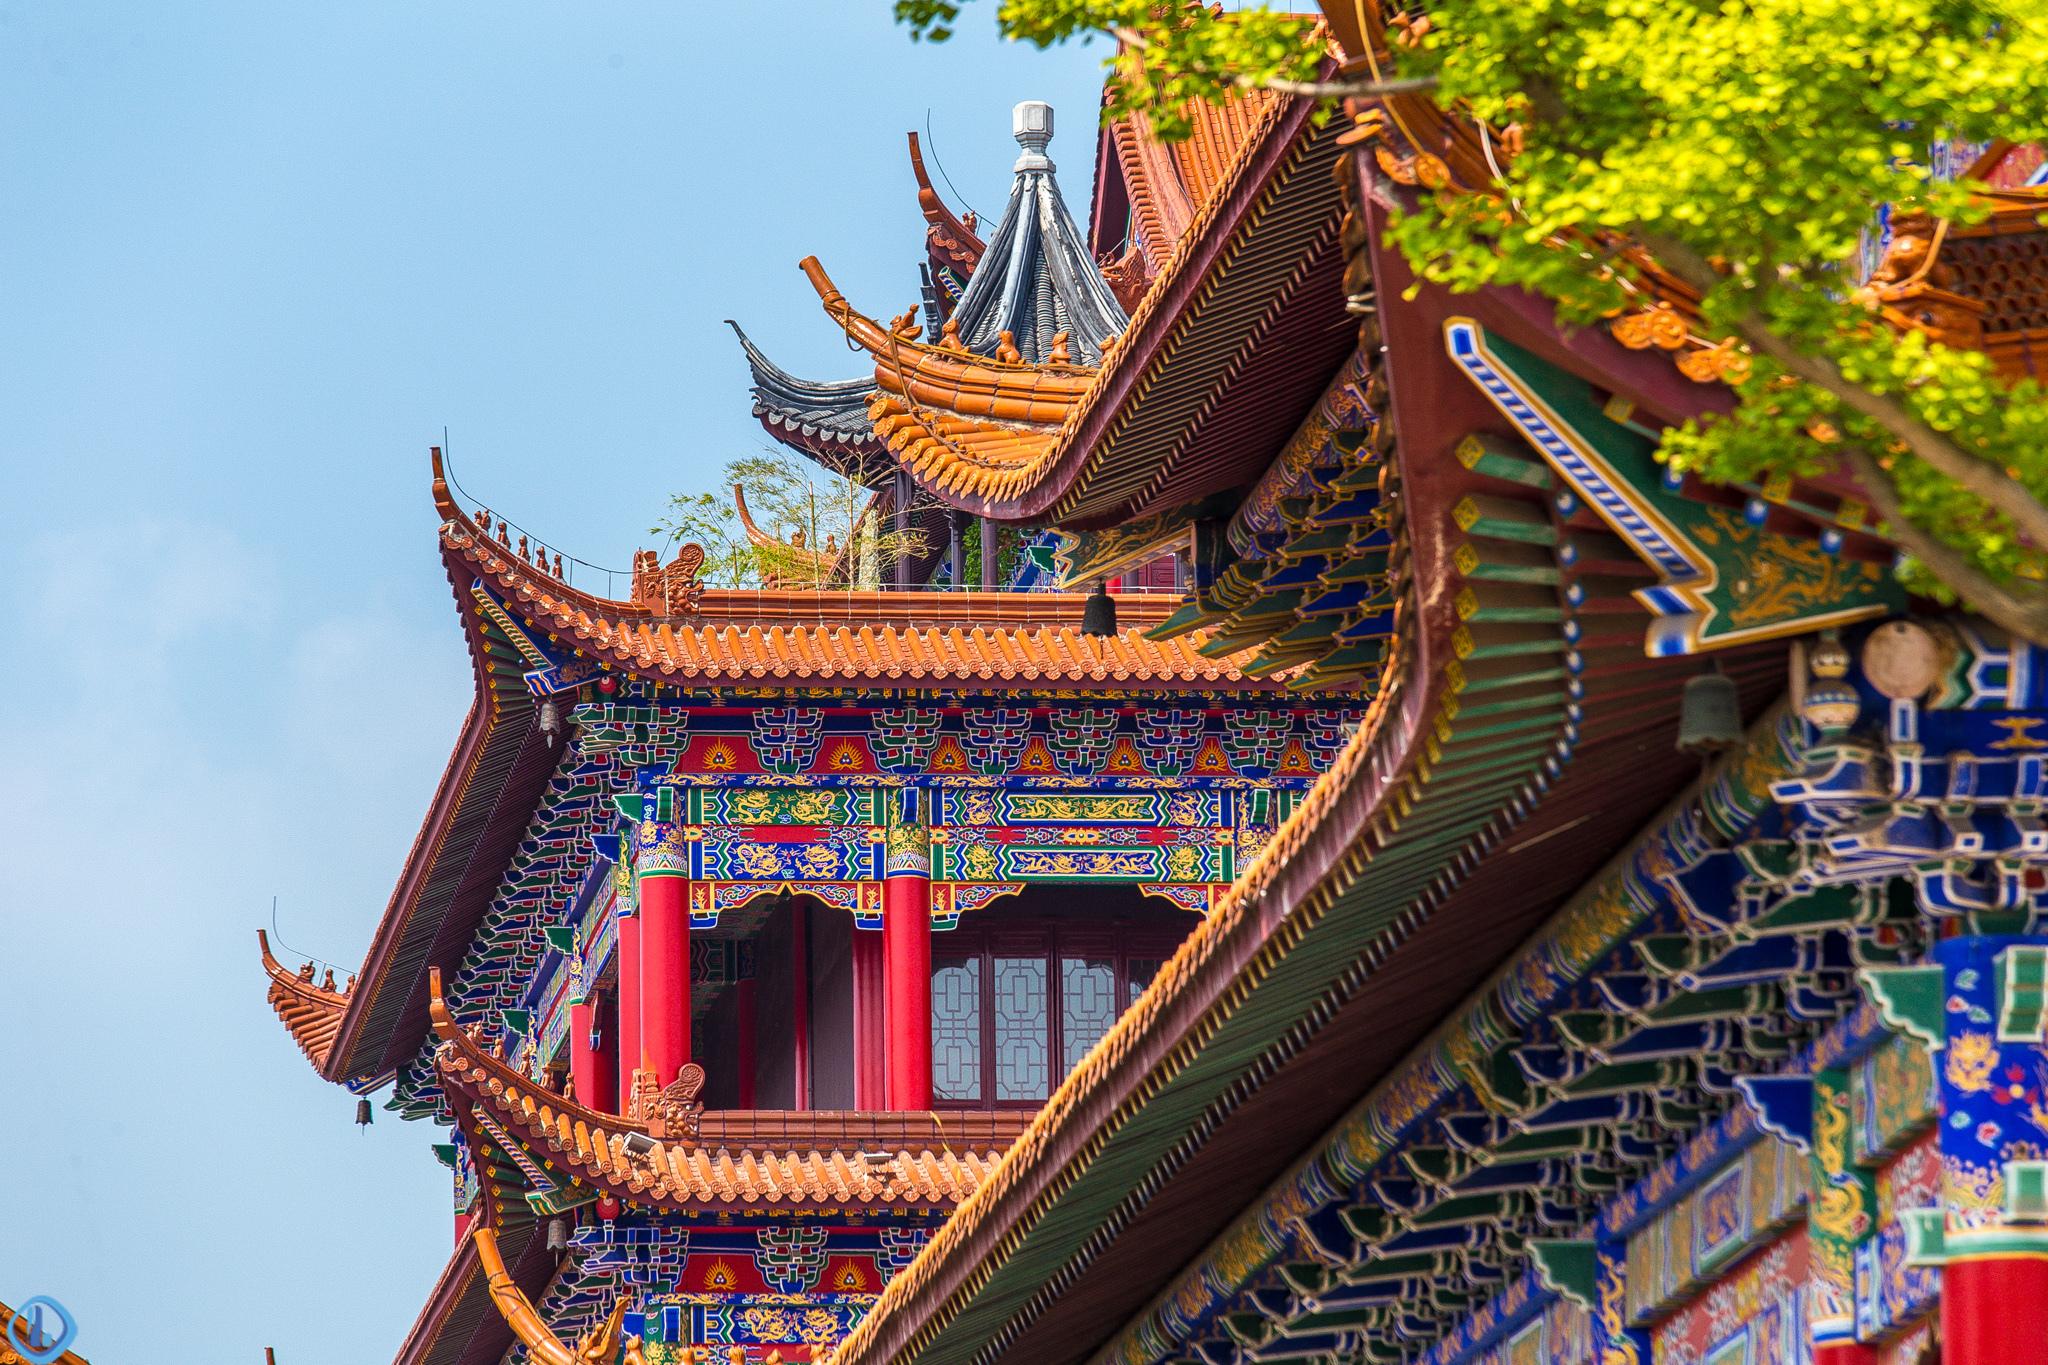 阳澄湖畔的皇罗禅寺,阿庆嫂的原型竟然在这里